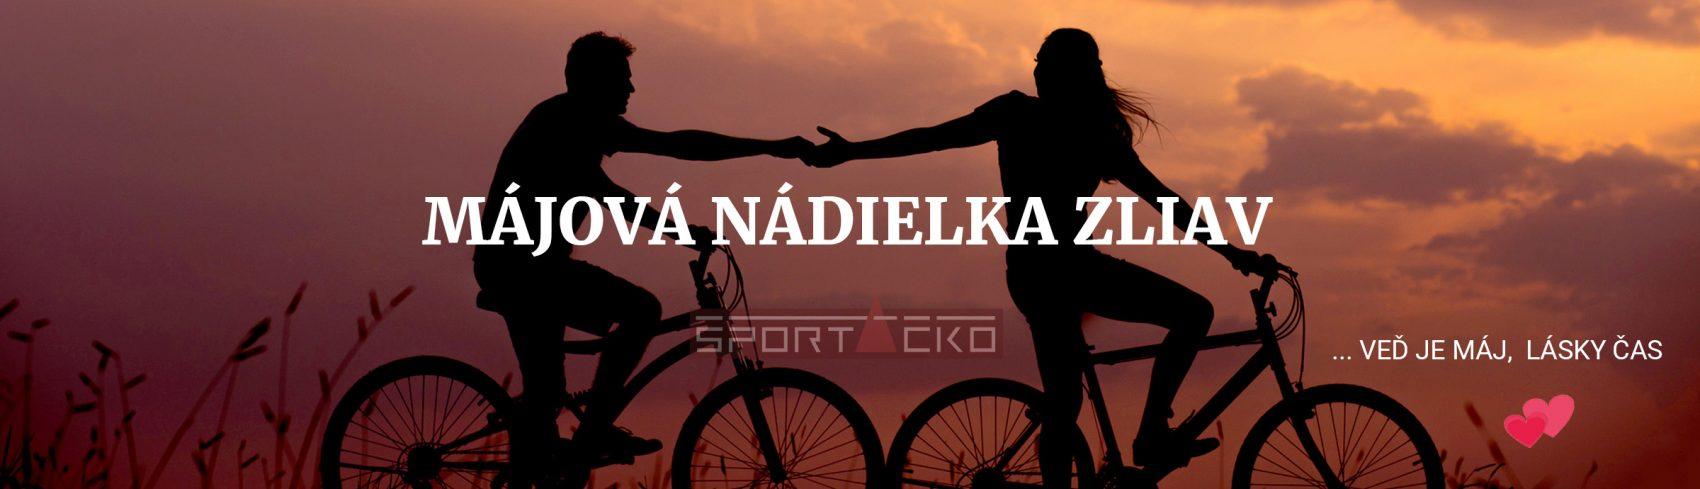 ed318f9204f6 ŠportÁčko - eshop a športová predajňa v Banskej Bystrici